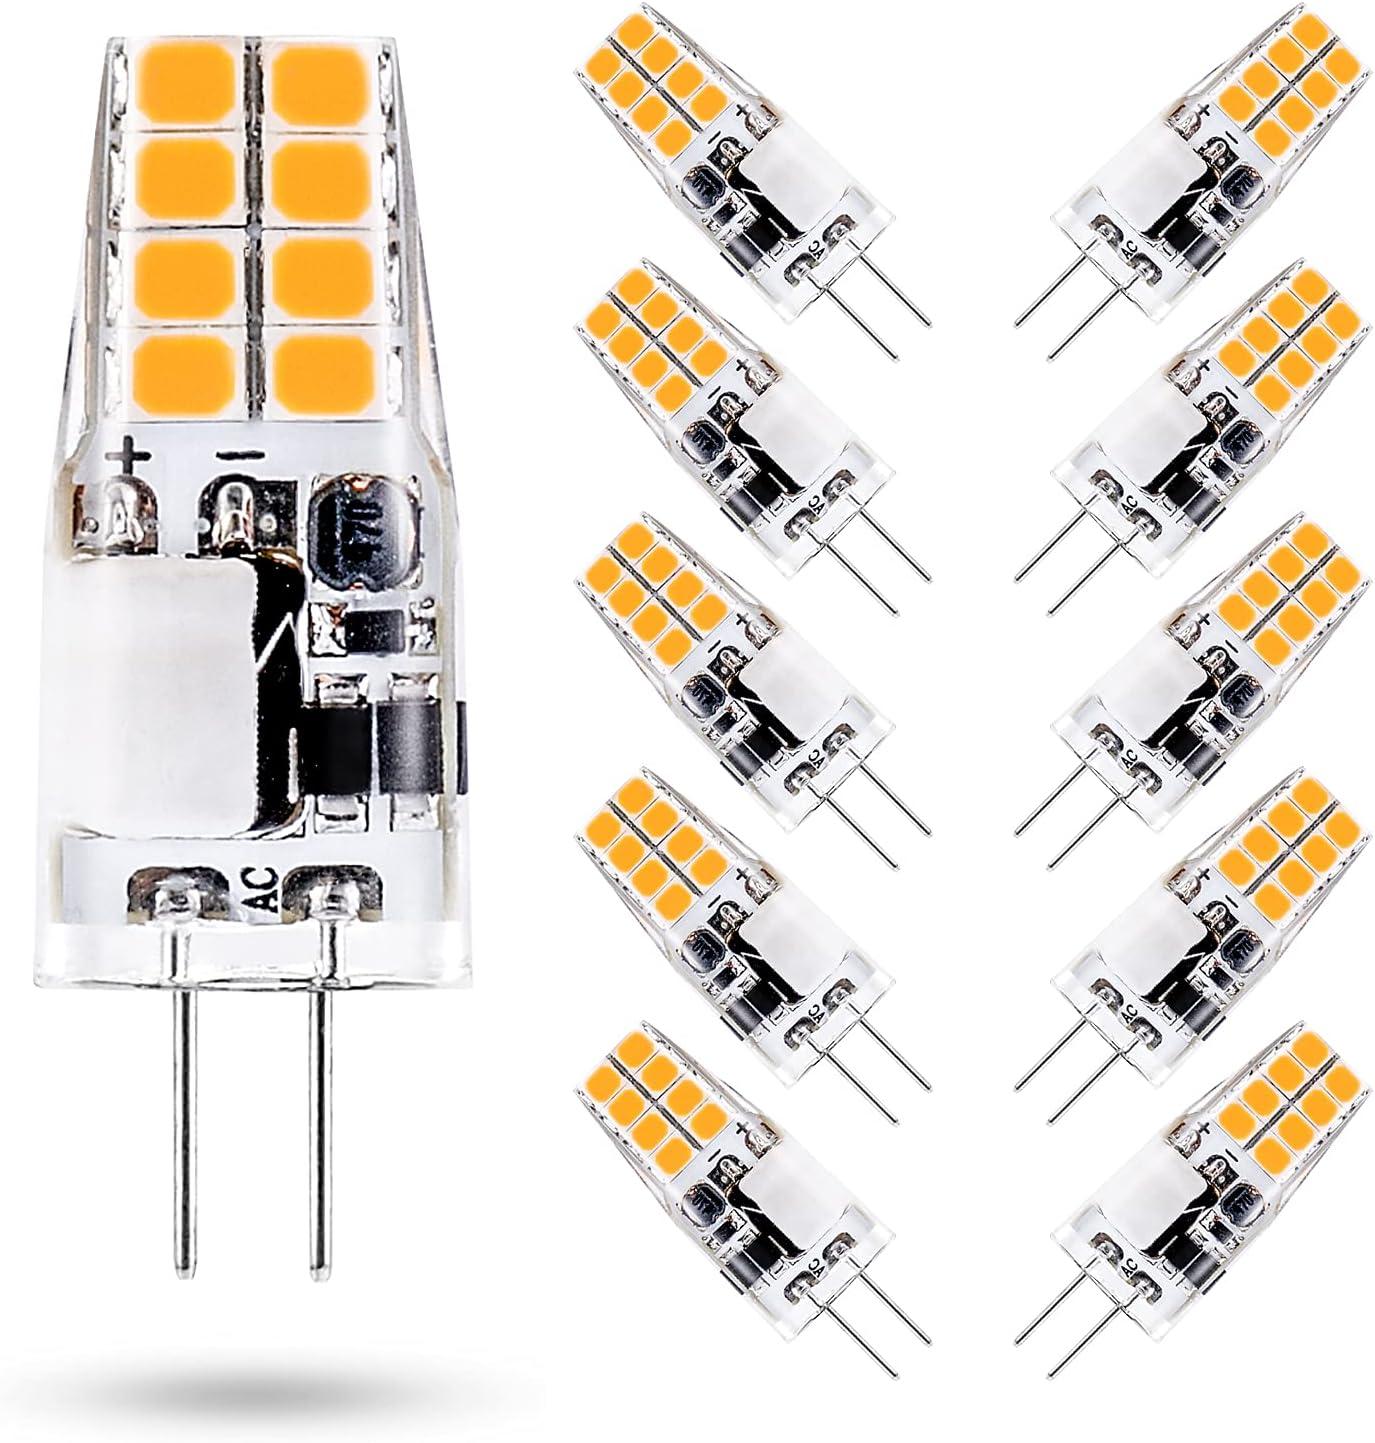 ONSTUY 3W Bombilla LED G4,Equivalente a 35W Halógeno Bombillas,3000K Blanco Cálido,300 Lúmenes,AC/DC 12V,No Regulable, Sin Parpadeo,Paquete de 10